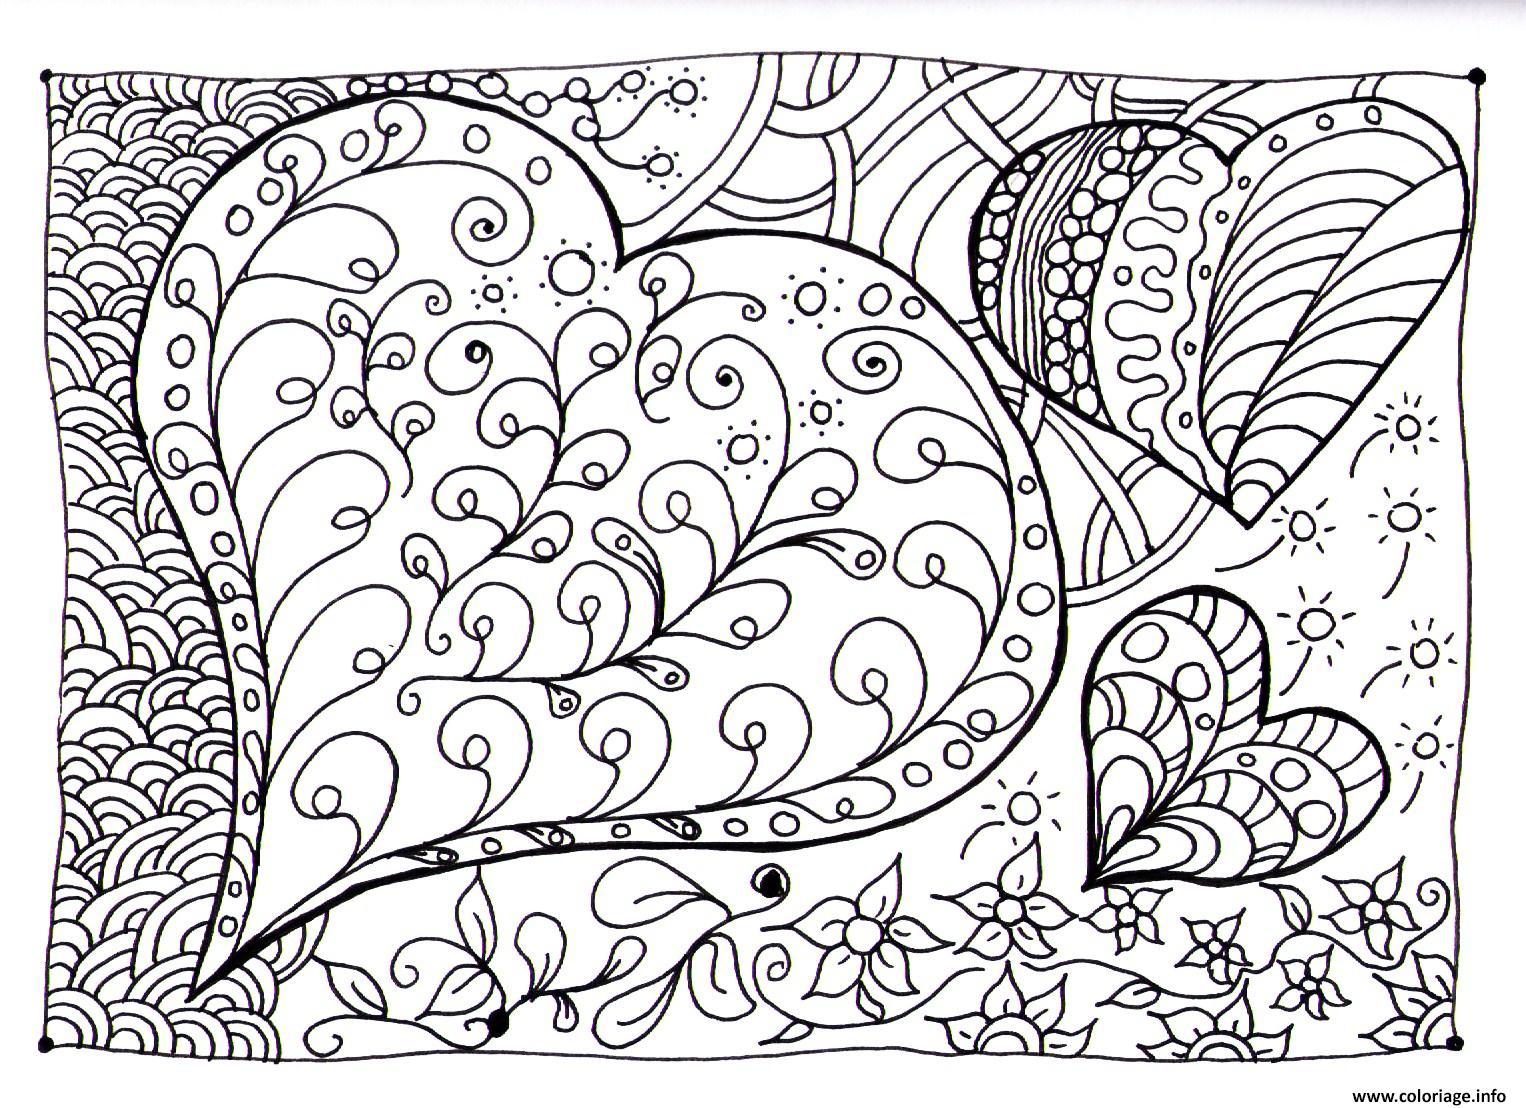 Coloriage Coeur Zen dessin